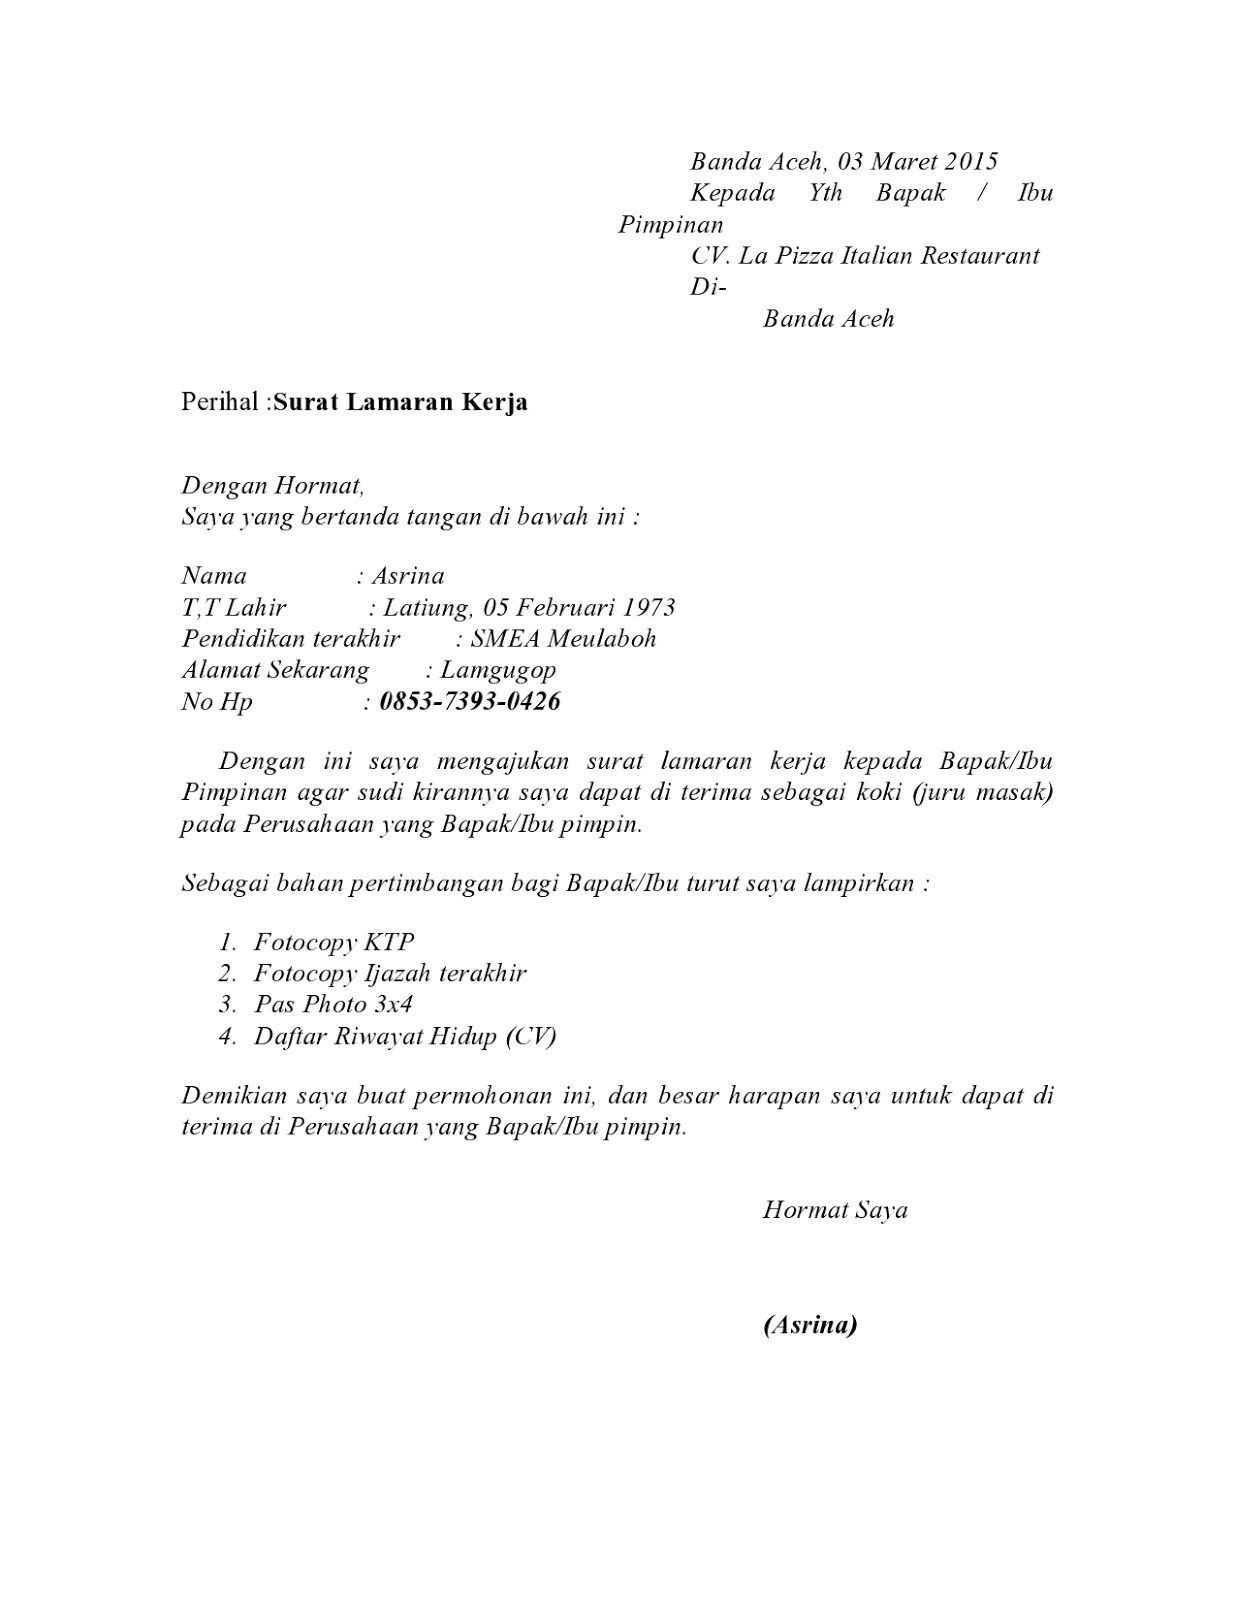 Contoh Surat Lamaran Kerja Di Rumah Makan